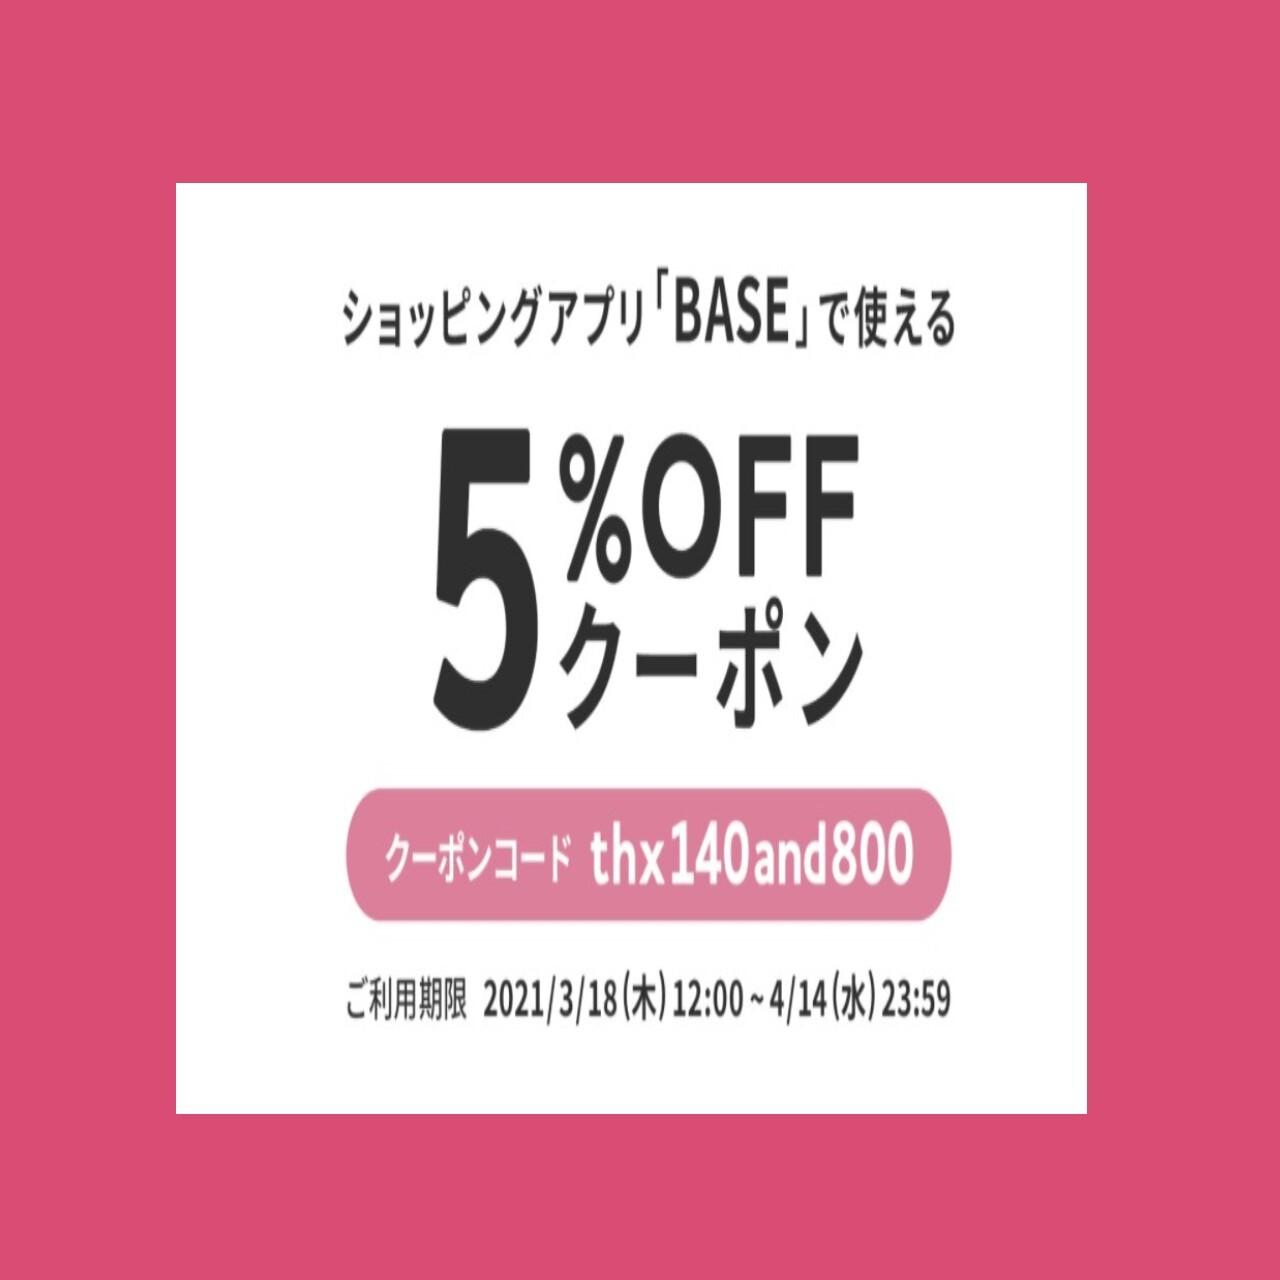 開催中!【期間限定】5%OFFクーポンコード配付中!詳しくは本文を!